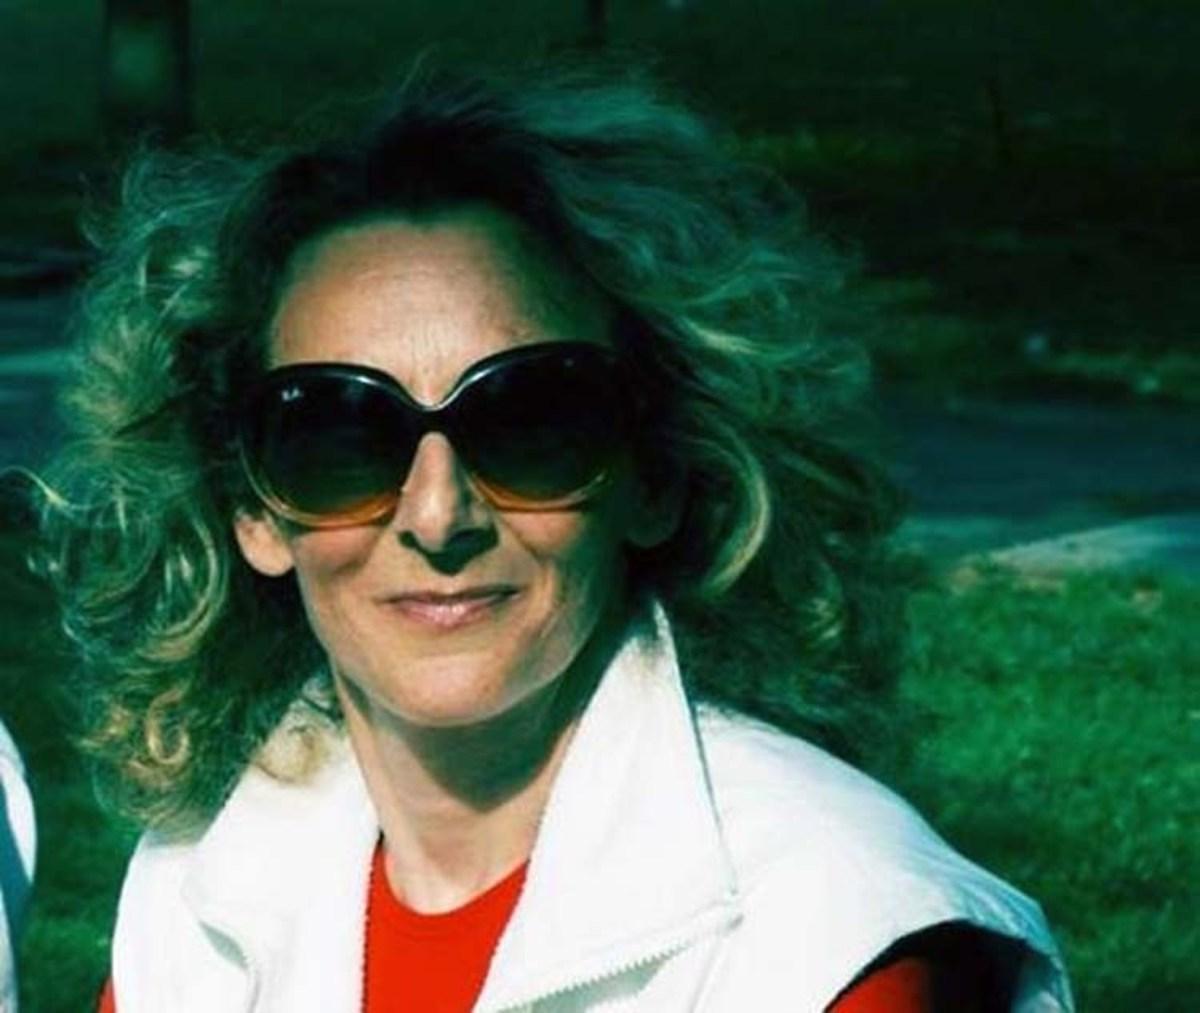 Λάρισα: Πέθανε η Μαρία Περβανίδου – Η πορεία που την έκανε γνωστή στην πόλη που αγάπησε! | Newsit.gr